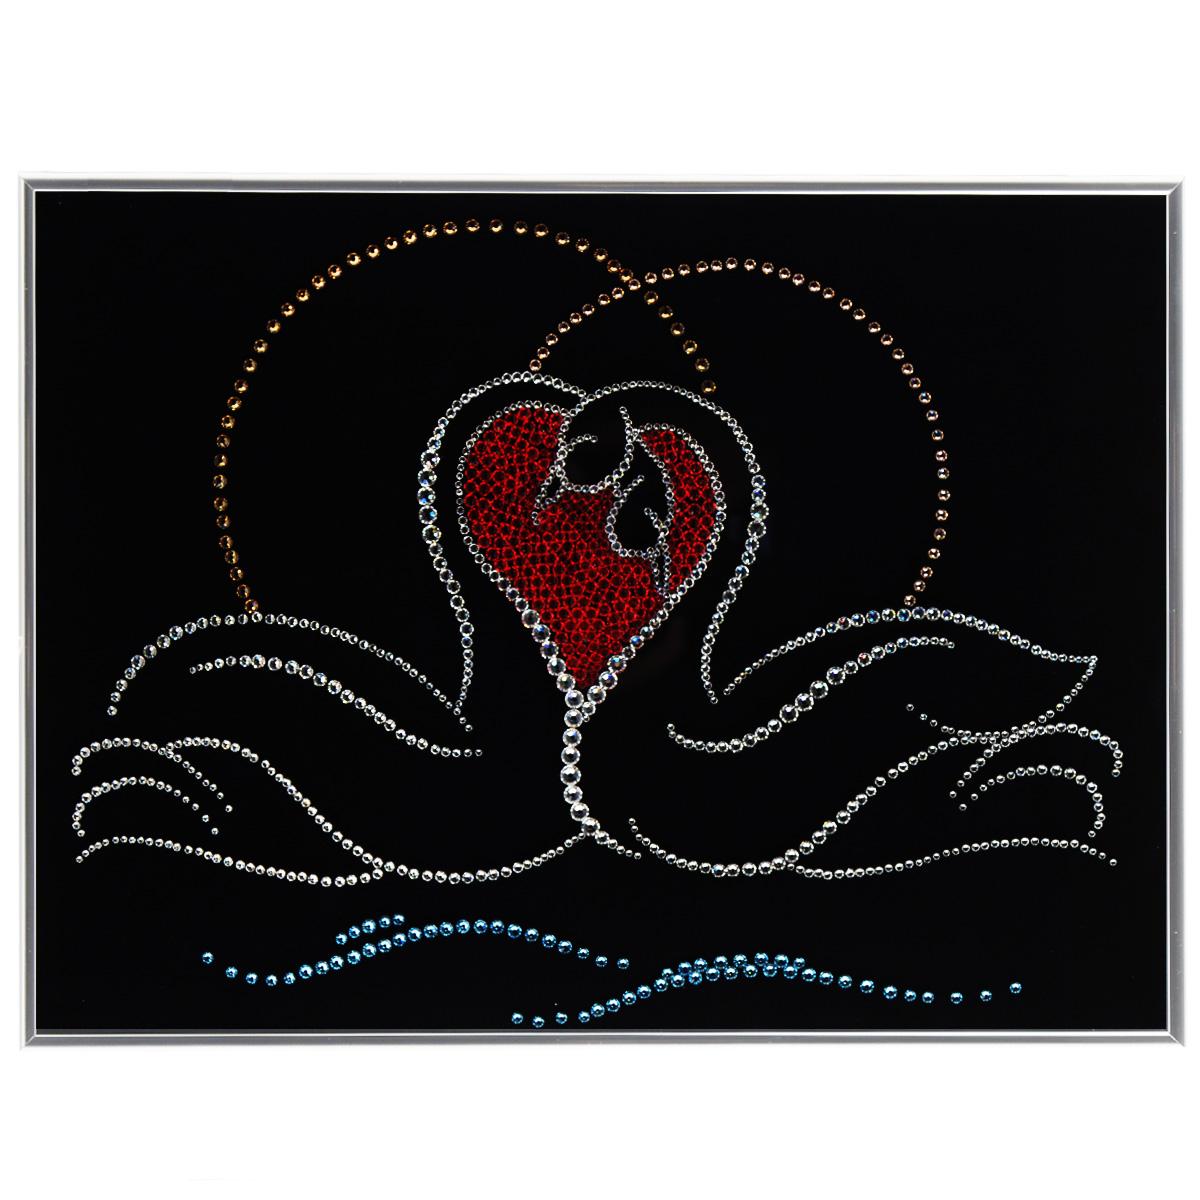 Картина с кристаллами Swarovski Лебединая верность, 40 см х 30 см1194Изящная картина в металлической раме, инкрустирована кристаллами Swarovski в виде двух лебедей. Кристаллы Swarovski отличаются четкой и ровной огранкой, ярким блеском и чистотой цвета. Под стеклом картина оформлена бархатистой тканью, что прекрасно дополняет блеск кристаллов. С обратной стороны имеется металлическая петелька для размещения картины на стене. Картина с кристаллами Swarovski Лебединая верность элегантно украсит интерьер дома или офиса, а также станет прекрасным подарком, который обязательно понравится получателю. Блеск кристаллов в интерьере, что может быть сказочнее и удивительнее. Картина упакована в подарочную картонную коробку синего цвета и комплектуется сертификатом соответствия Swarovski.